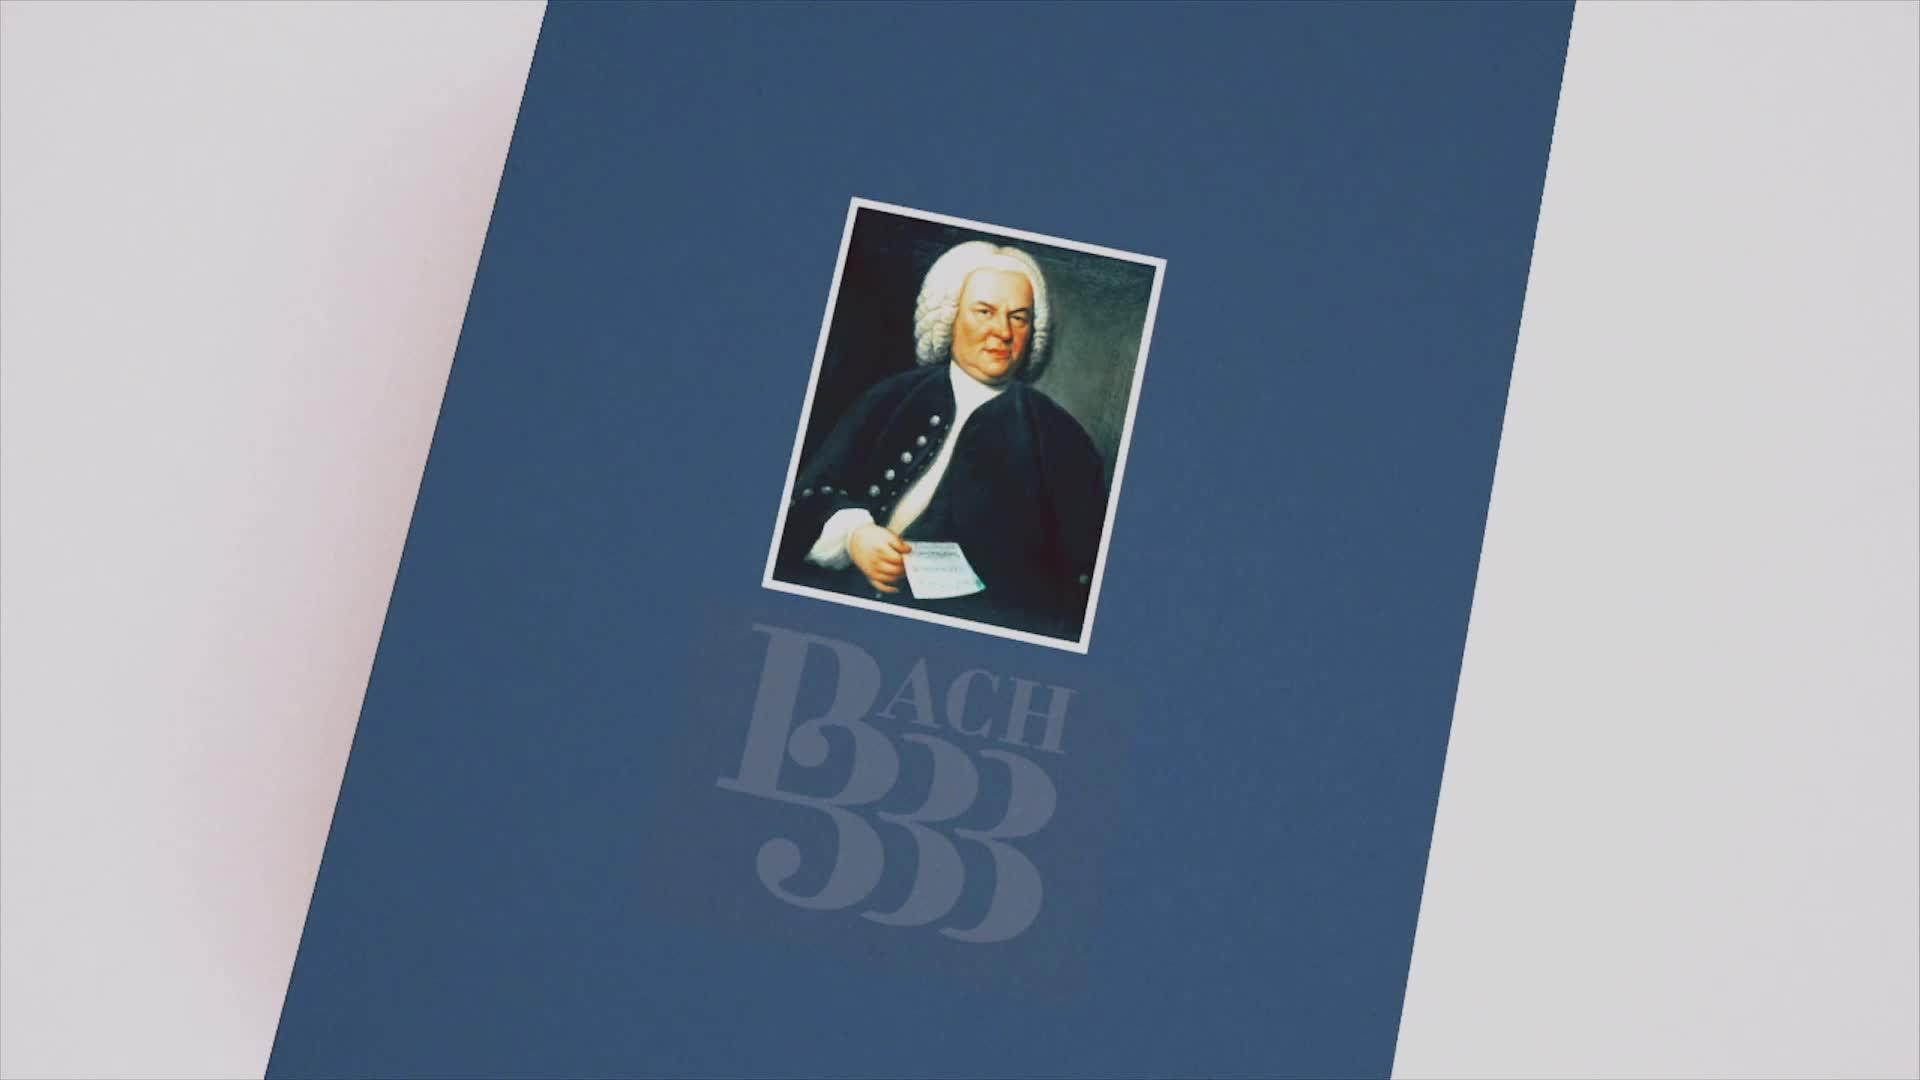 Johann Sebastian Bach, Bach 333 (Teaser)